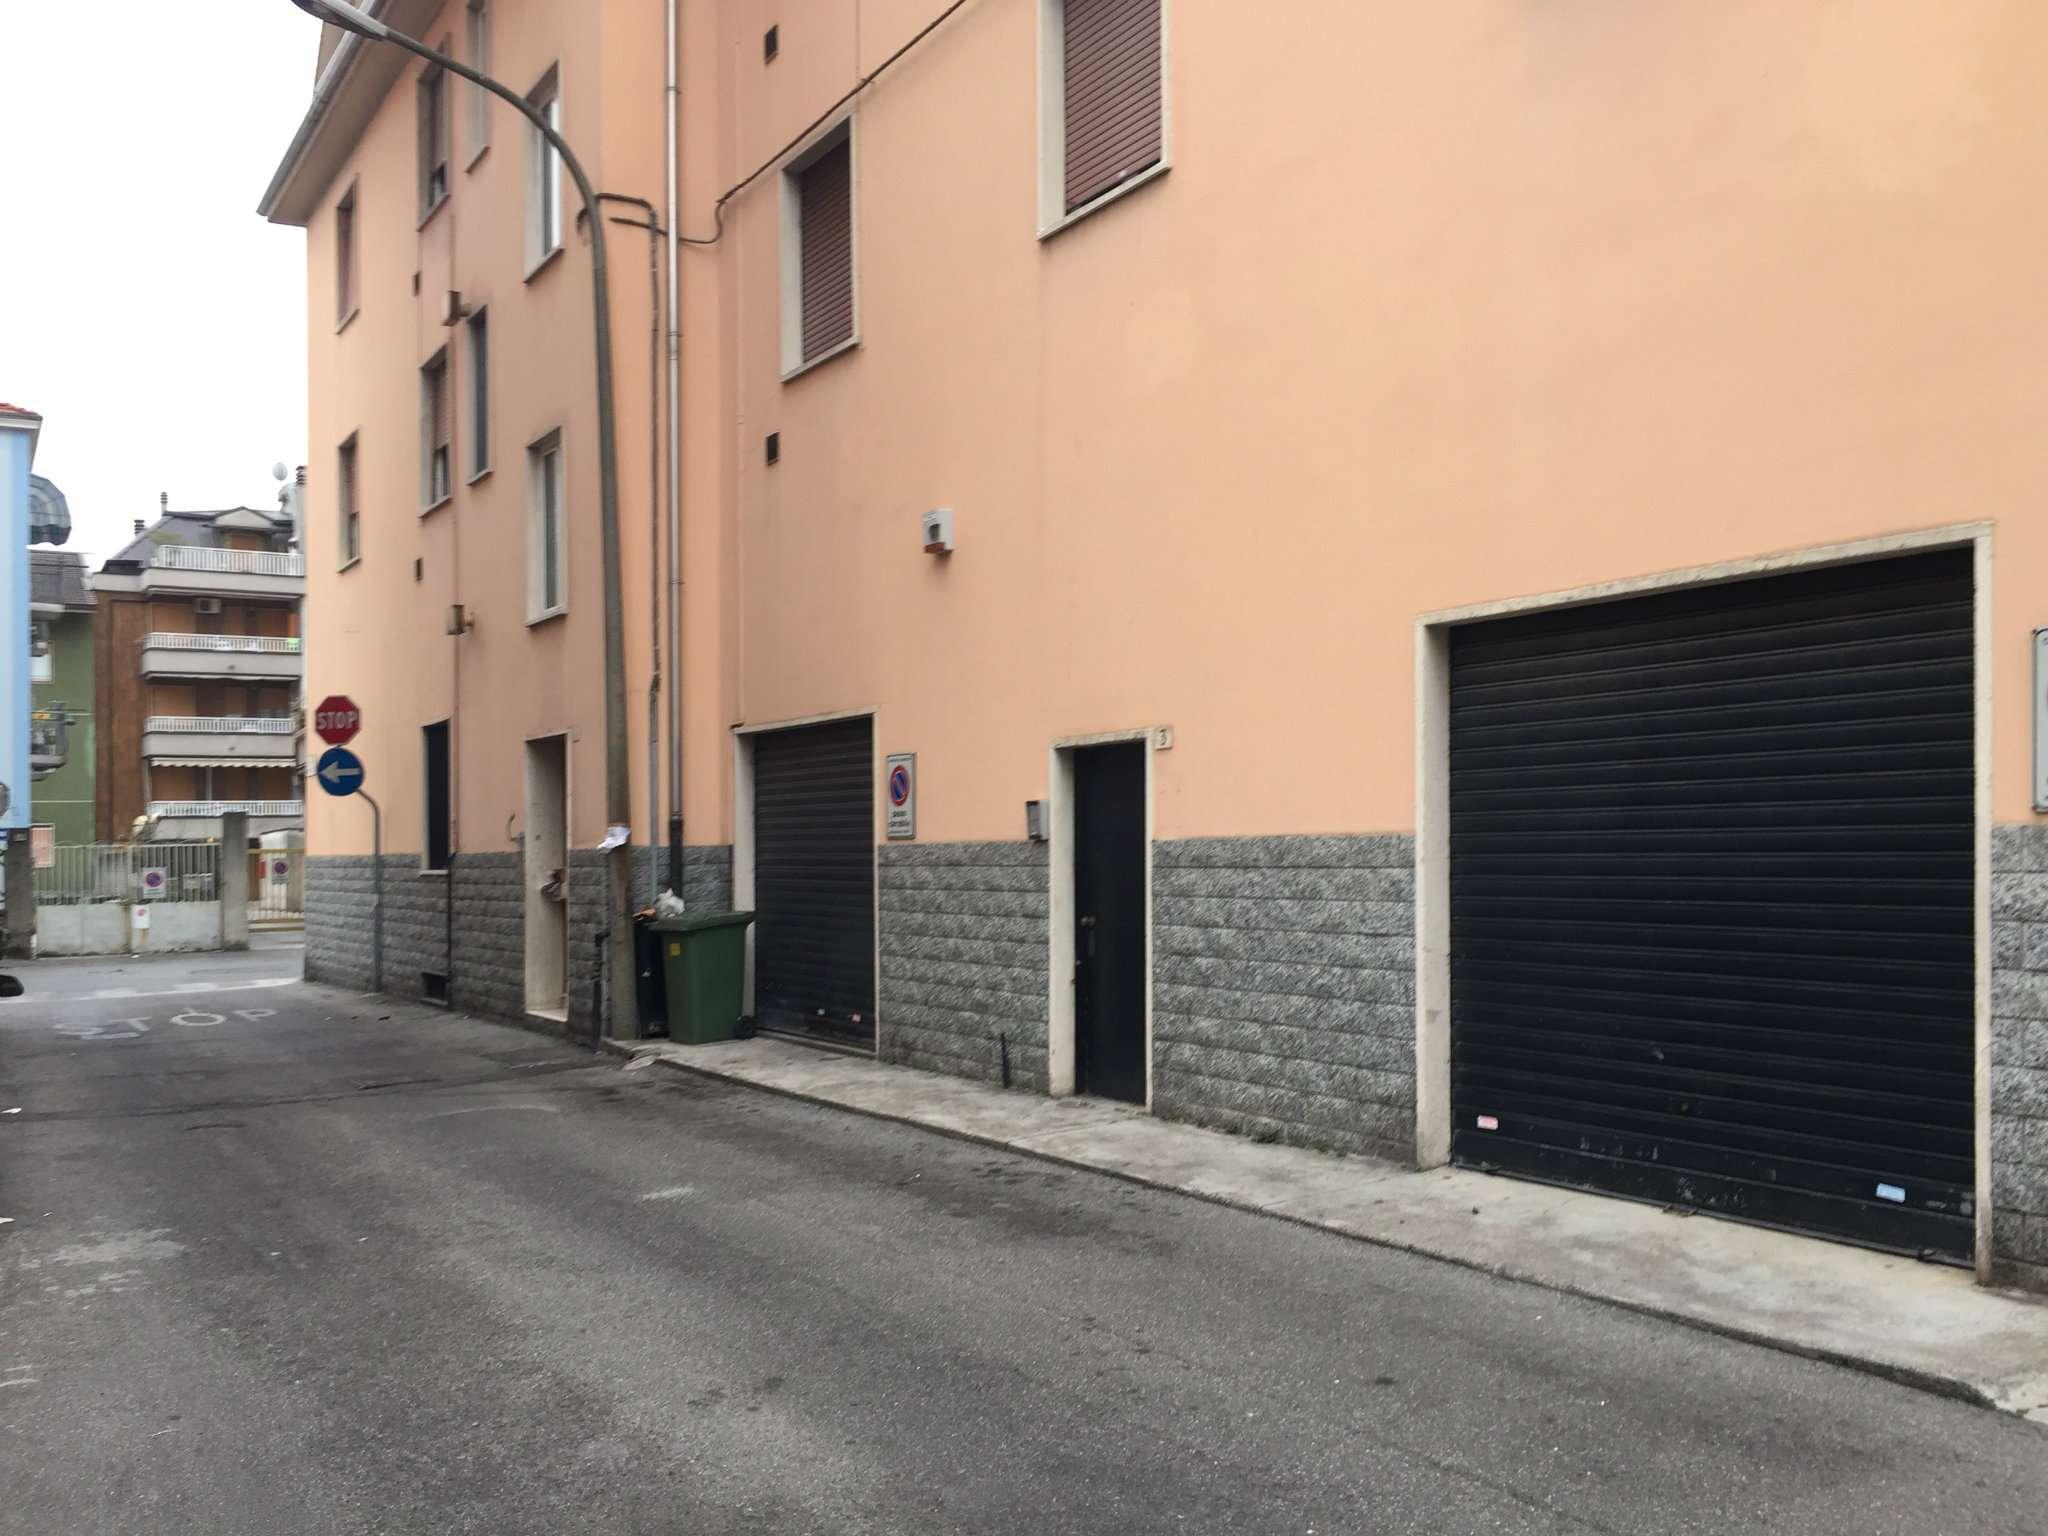 Laboratorio in vendita a Bresso, 2 locali, prezzo € 70.000 | Cambio Casa.it